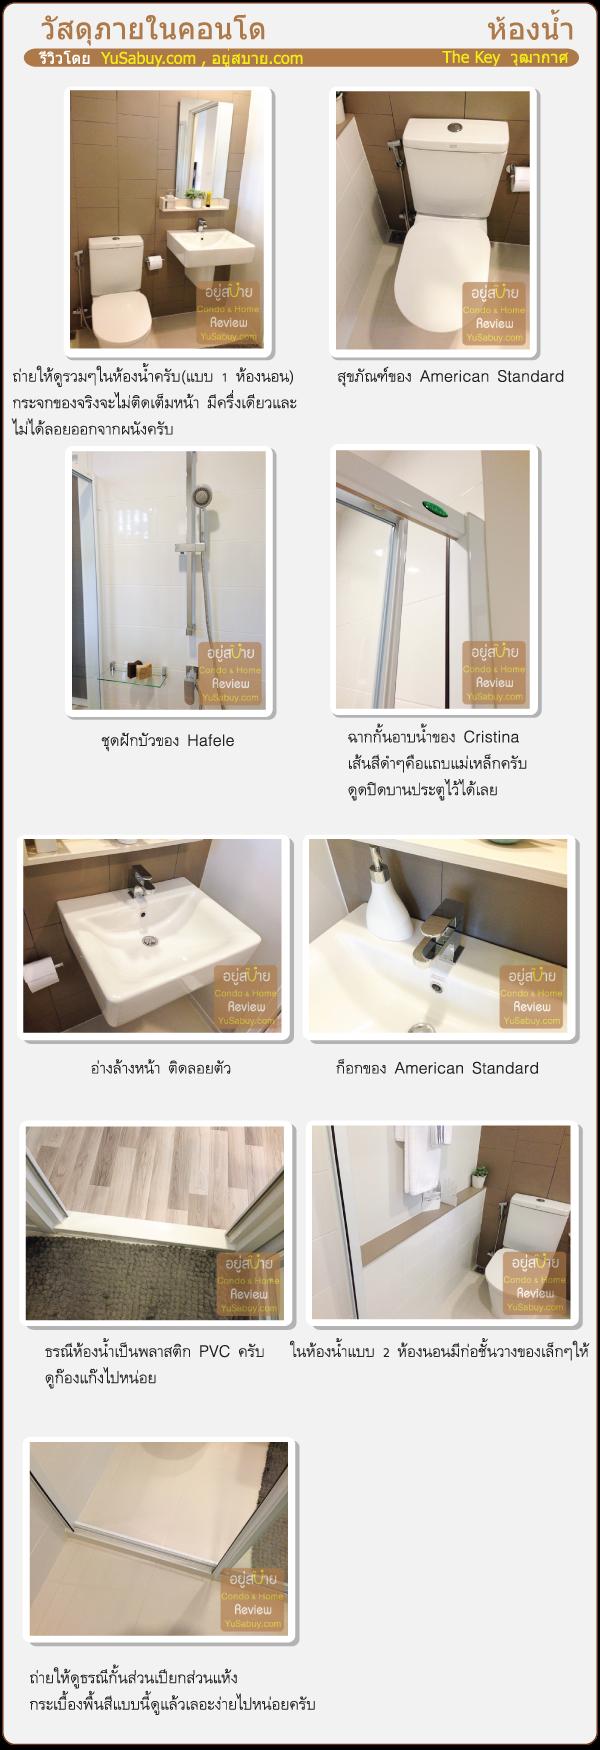 รีวิววัสดุห้องน้ำ The Key BTS Wutthakat (เดอะ คีย์ บีทีเอส วุฒากาศ)